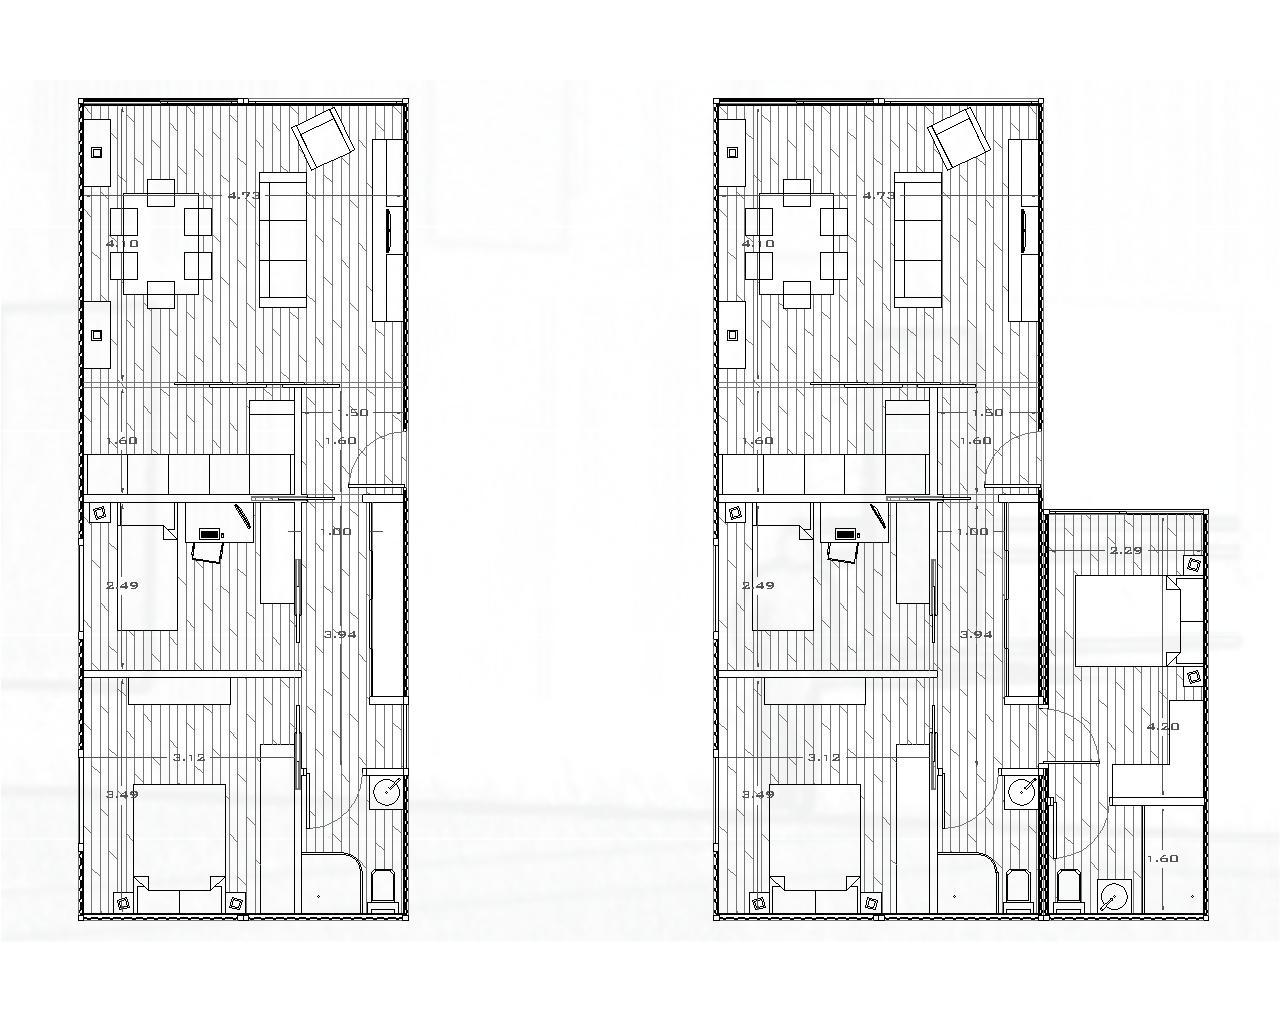 Tercera piel contenedores habitables modelo de vivienda - Contenedores maritimos para vivienda ...